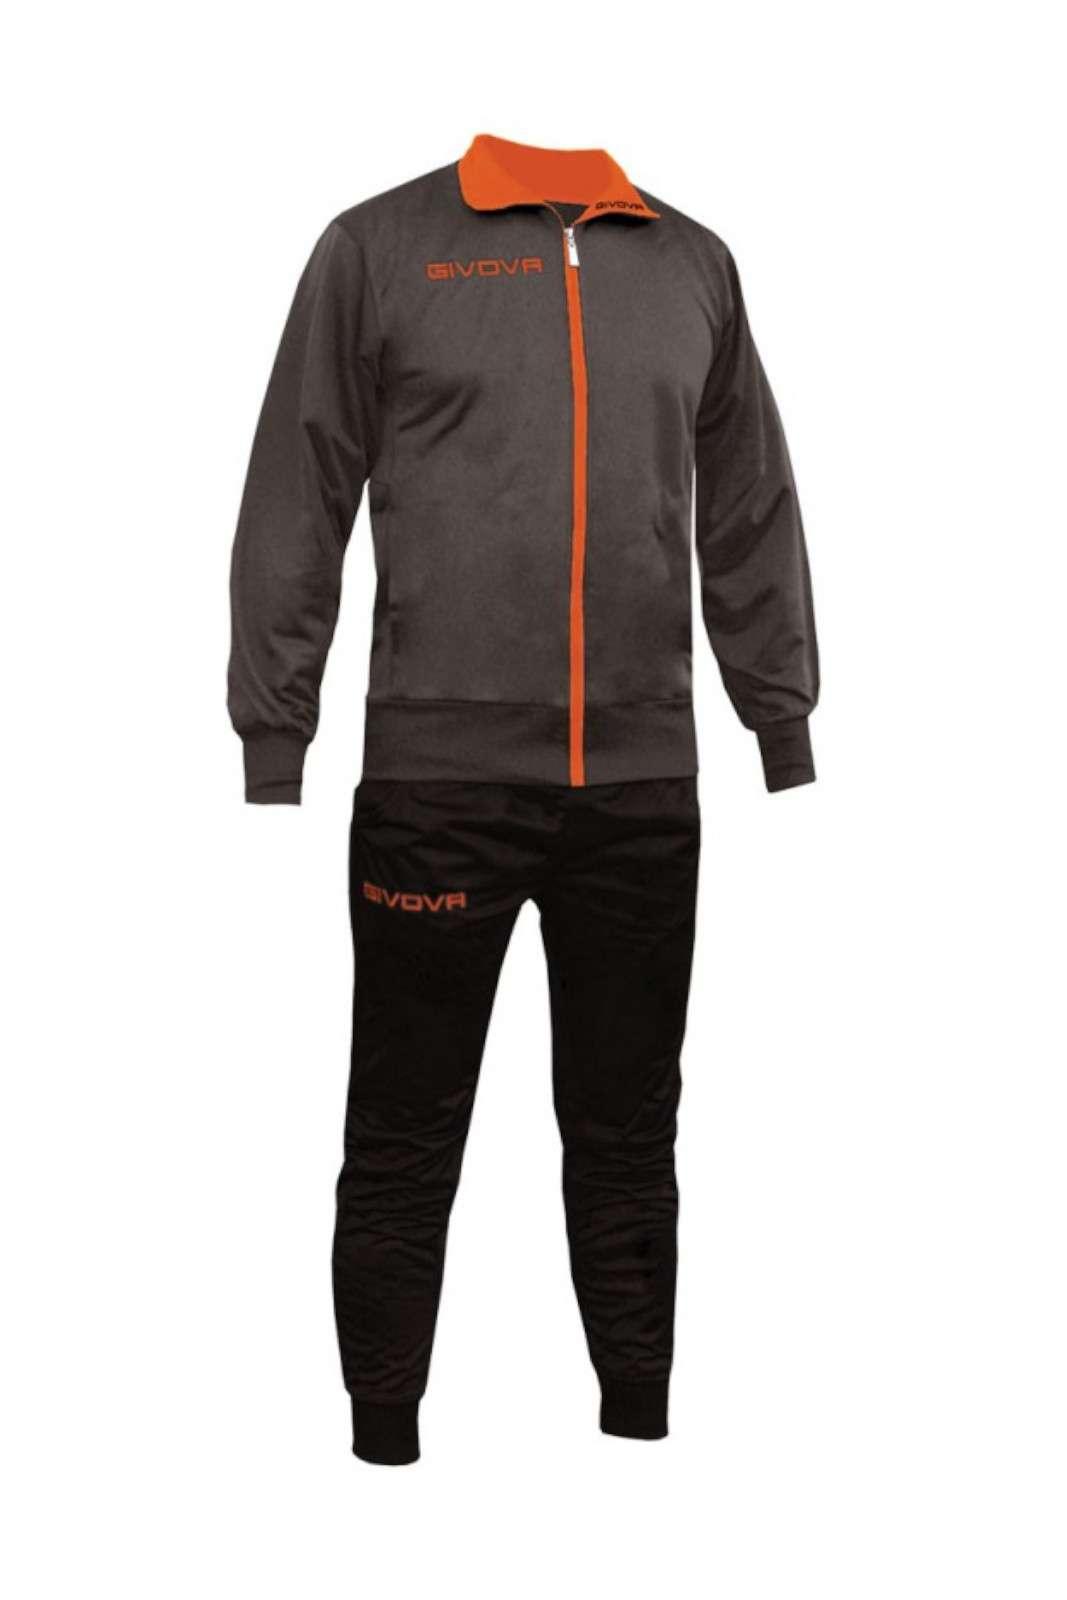 Scopri la nuova tuta uomo firmata Givova. Perfetta per le occasioni più importanti si caratterizza per i suoi dettagli fluo. Comoda e versatile veste i tuoi outfit sportivi con gusto.